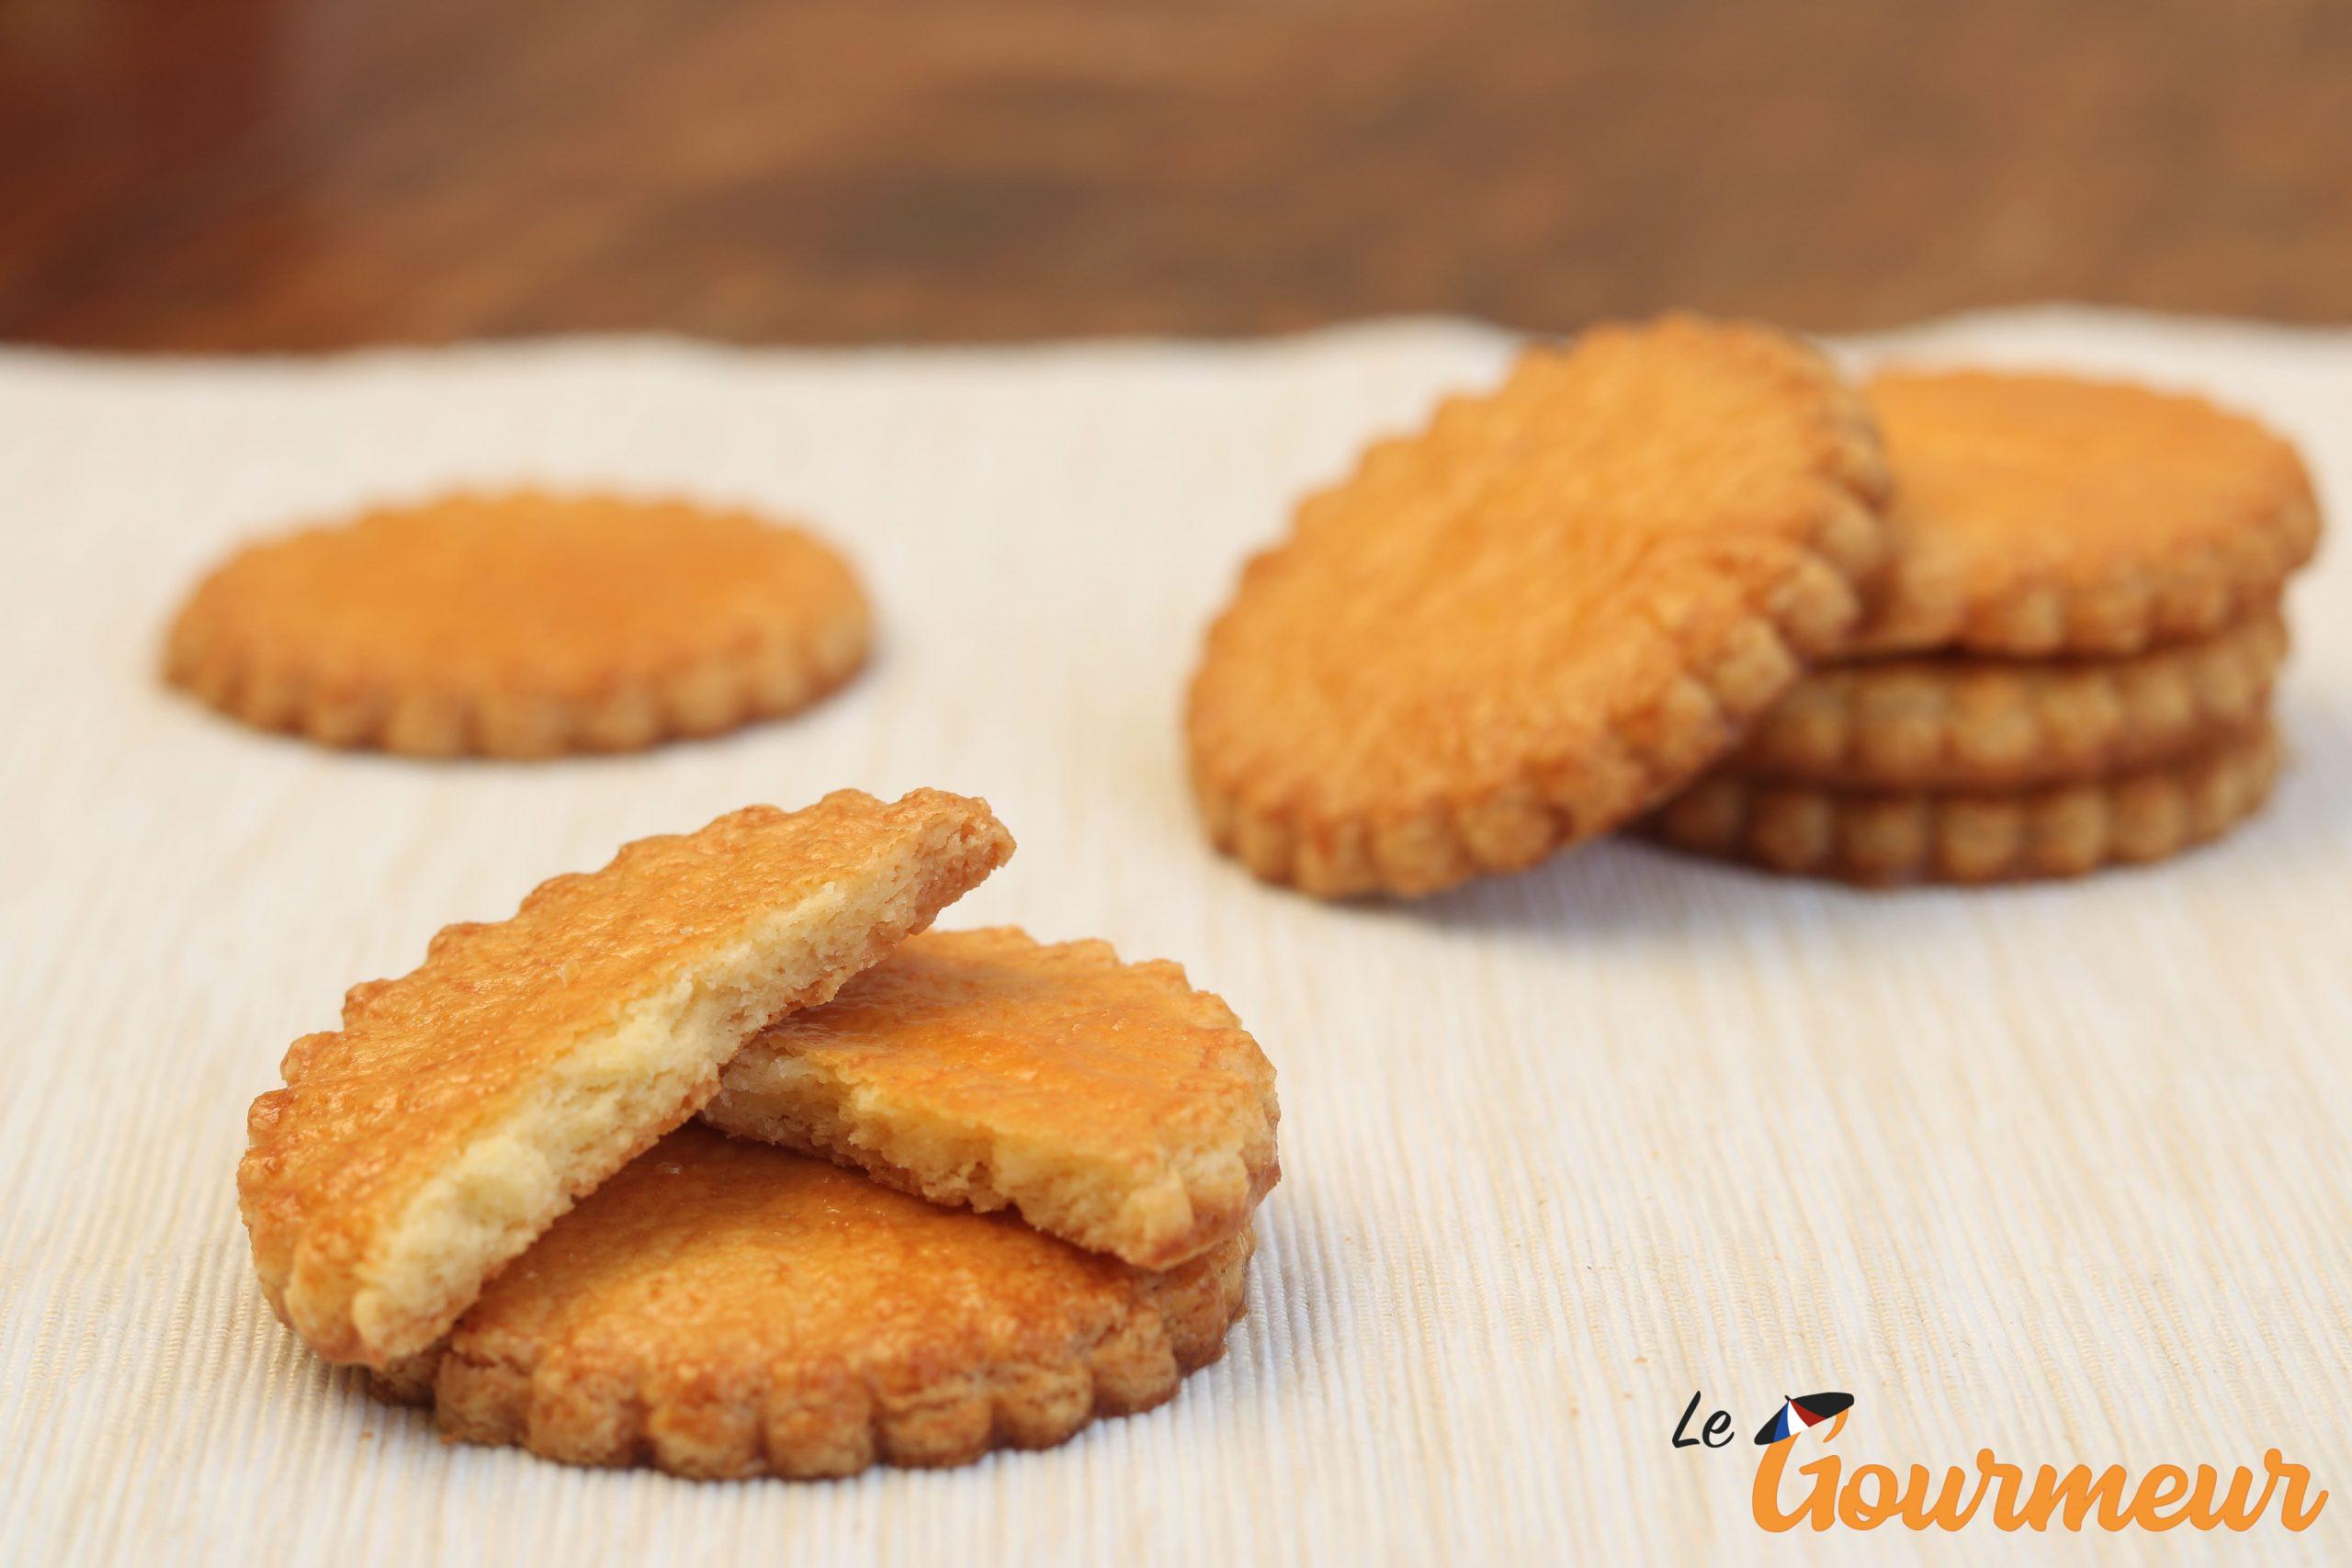 le broyé du poitou biscuit du poitou